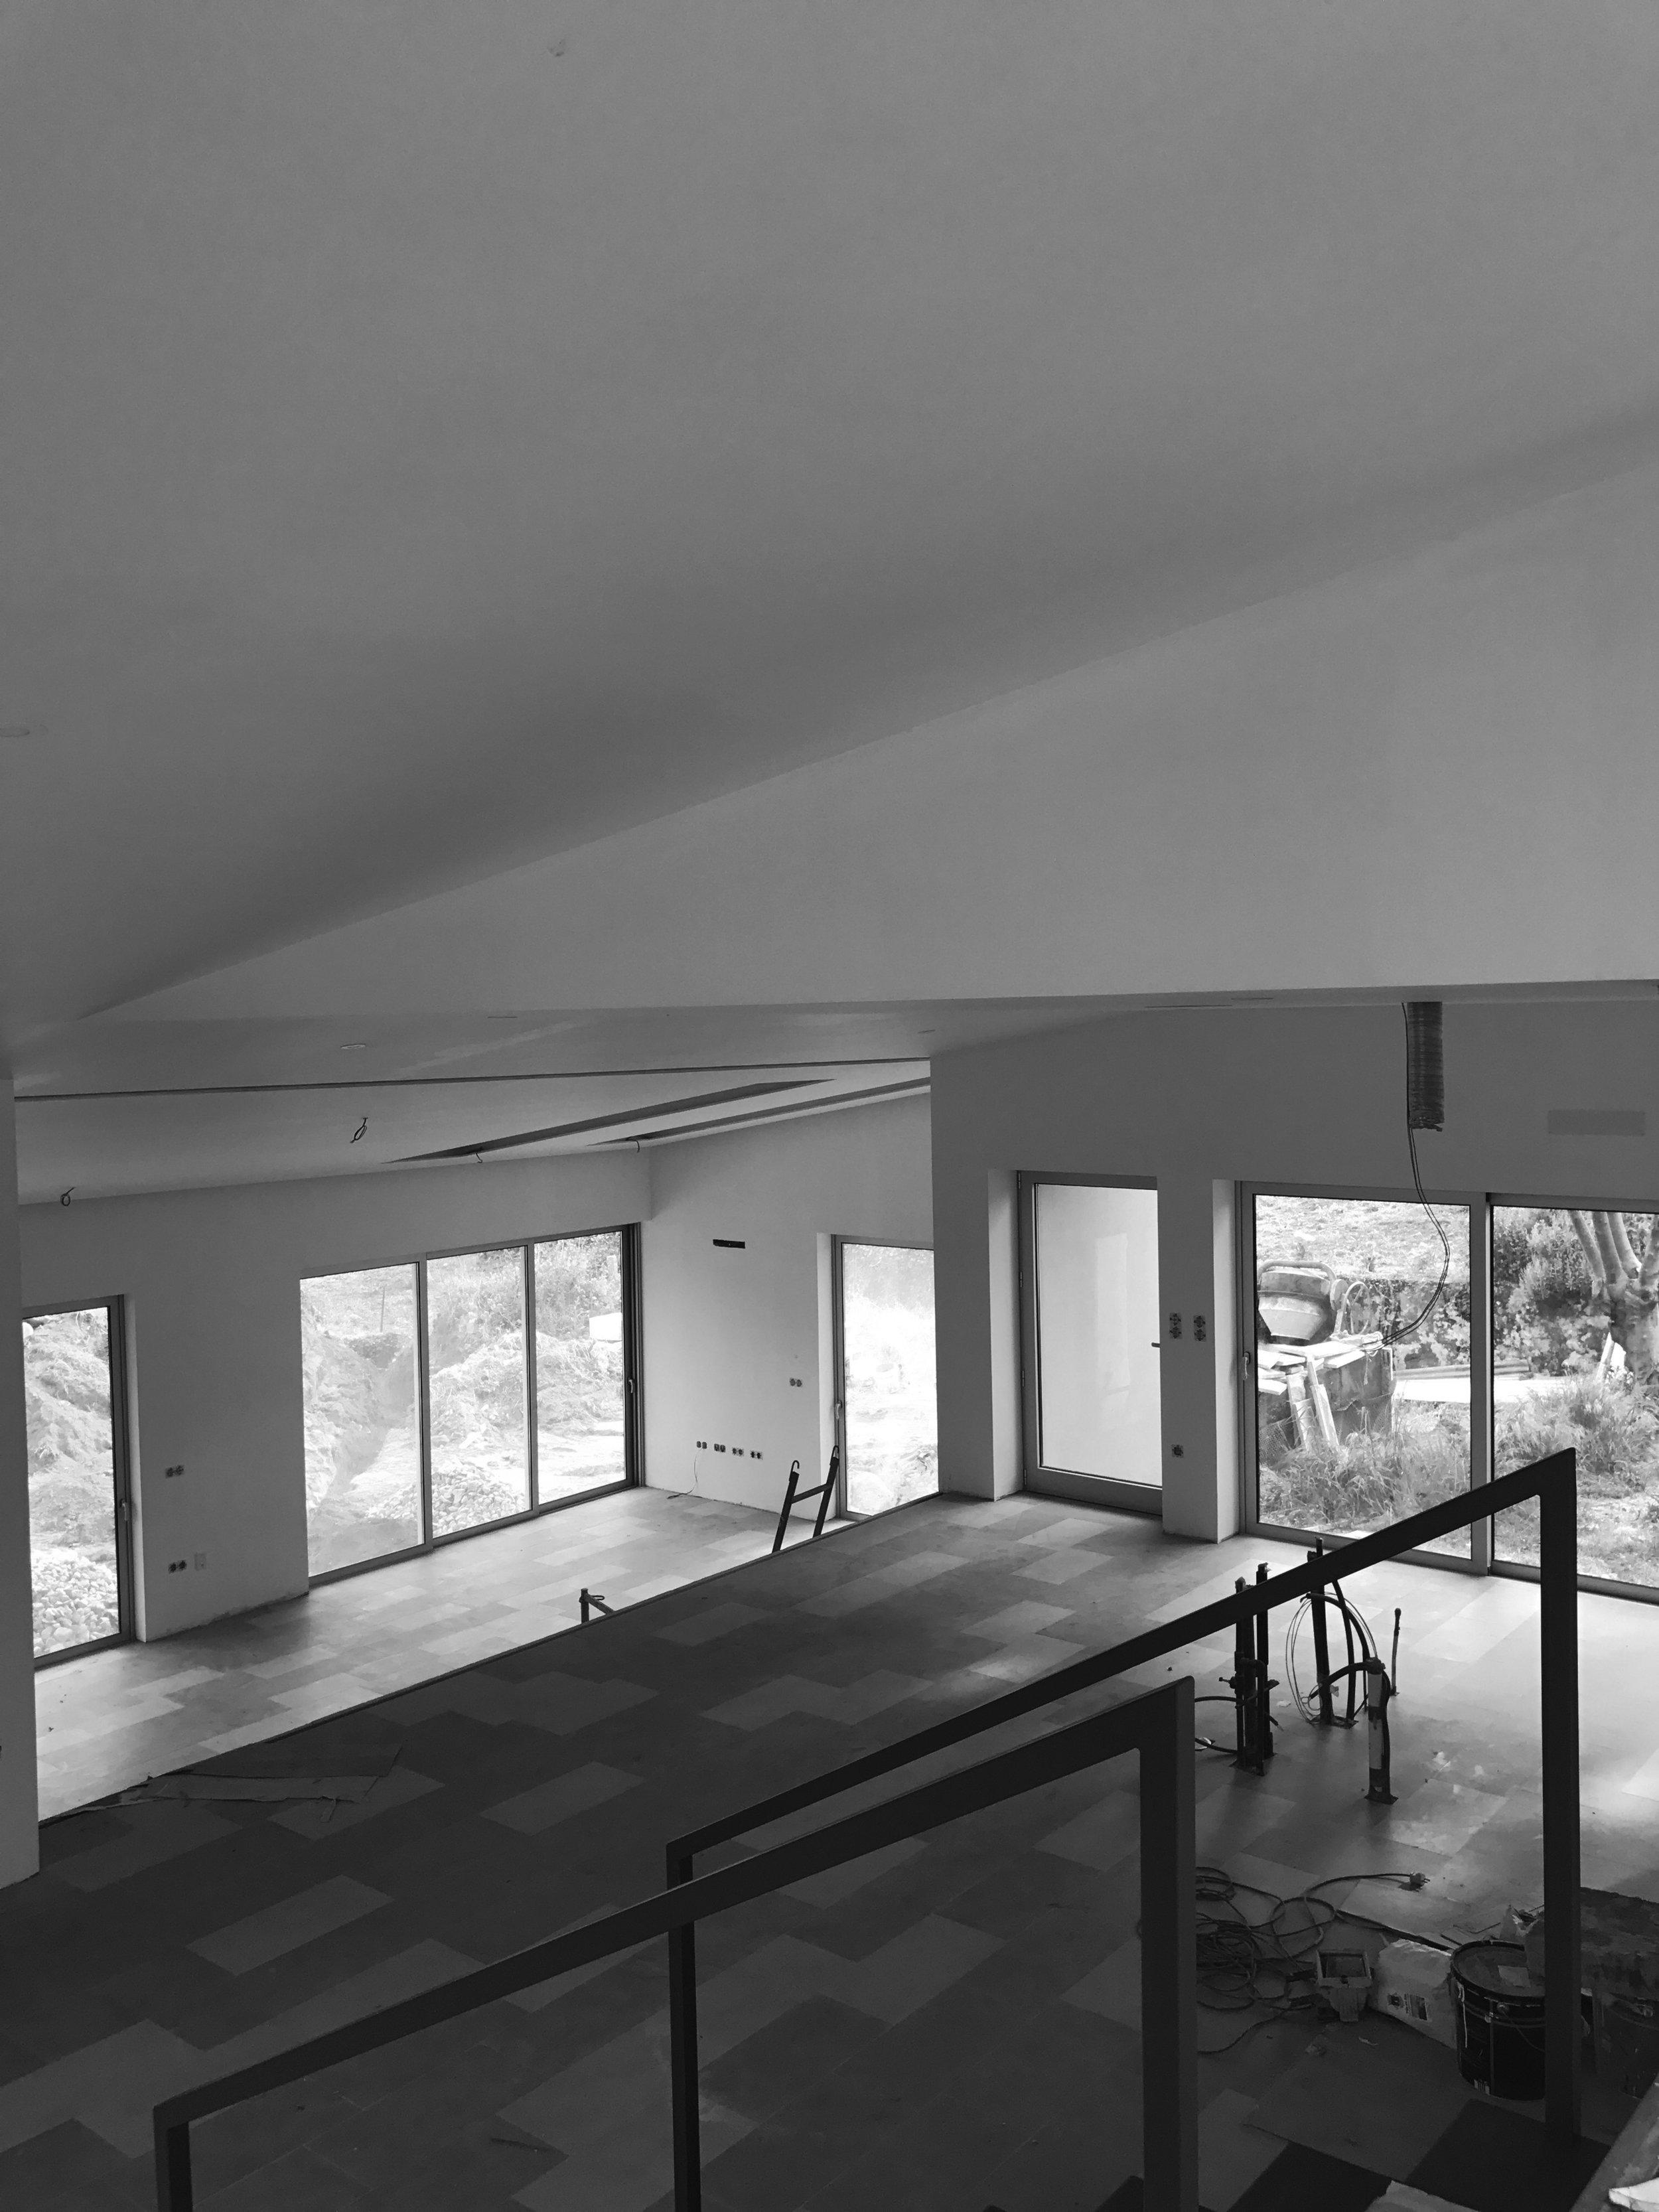 Moradia S+N - arquitectura - arquitectos - porto - oliveira de azemeis - construção - projecto - eva evolutionary architecture (30).jpg